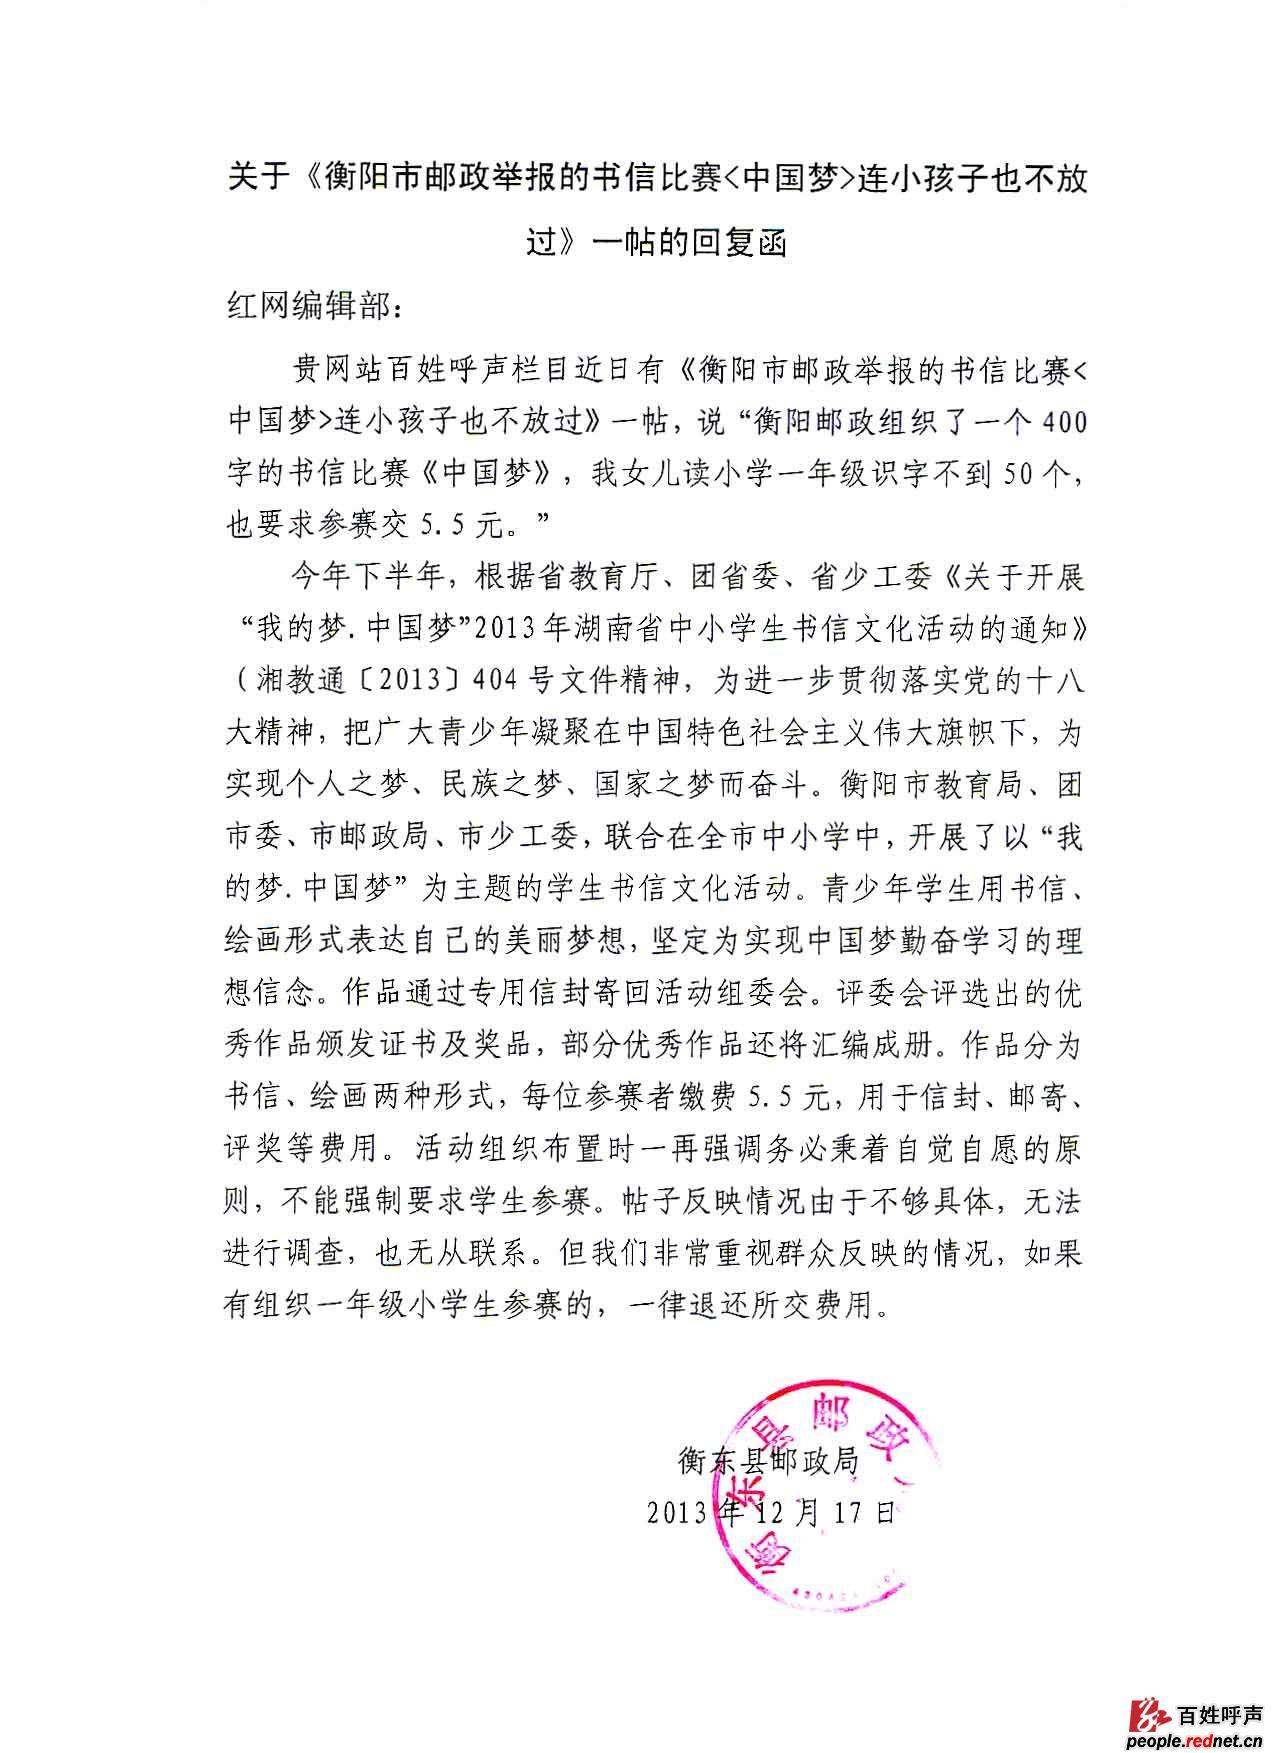 红网-书信呼声-衡阳市邮政举报的初中v书信《国际部百姓好不好上海图片